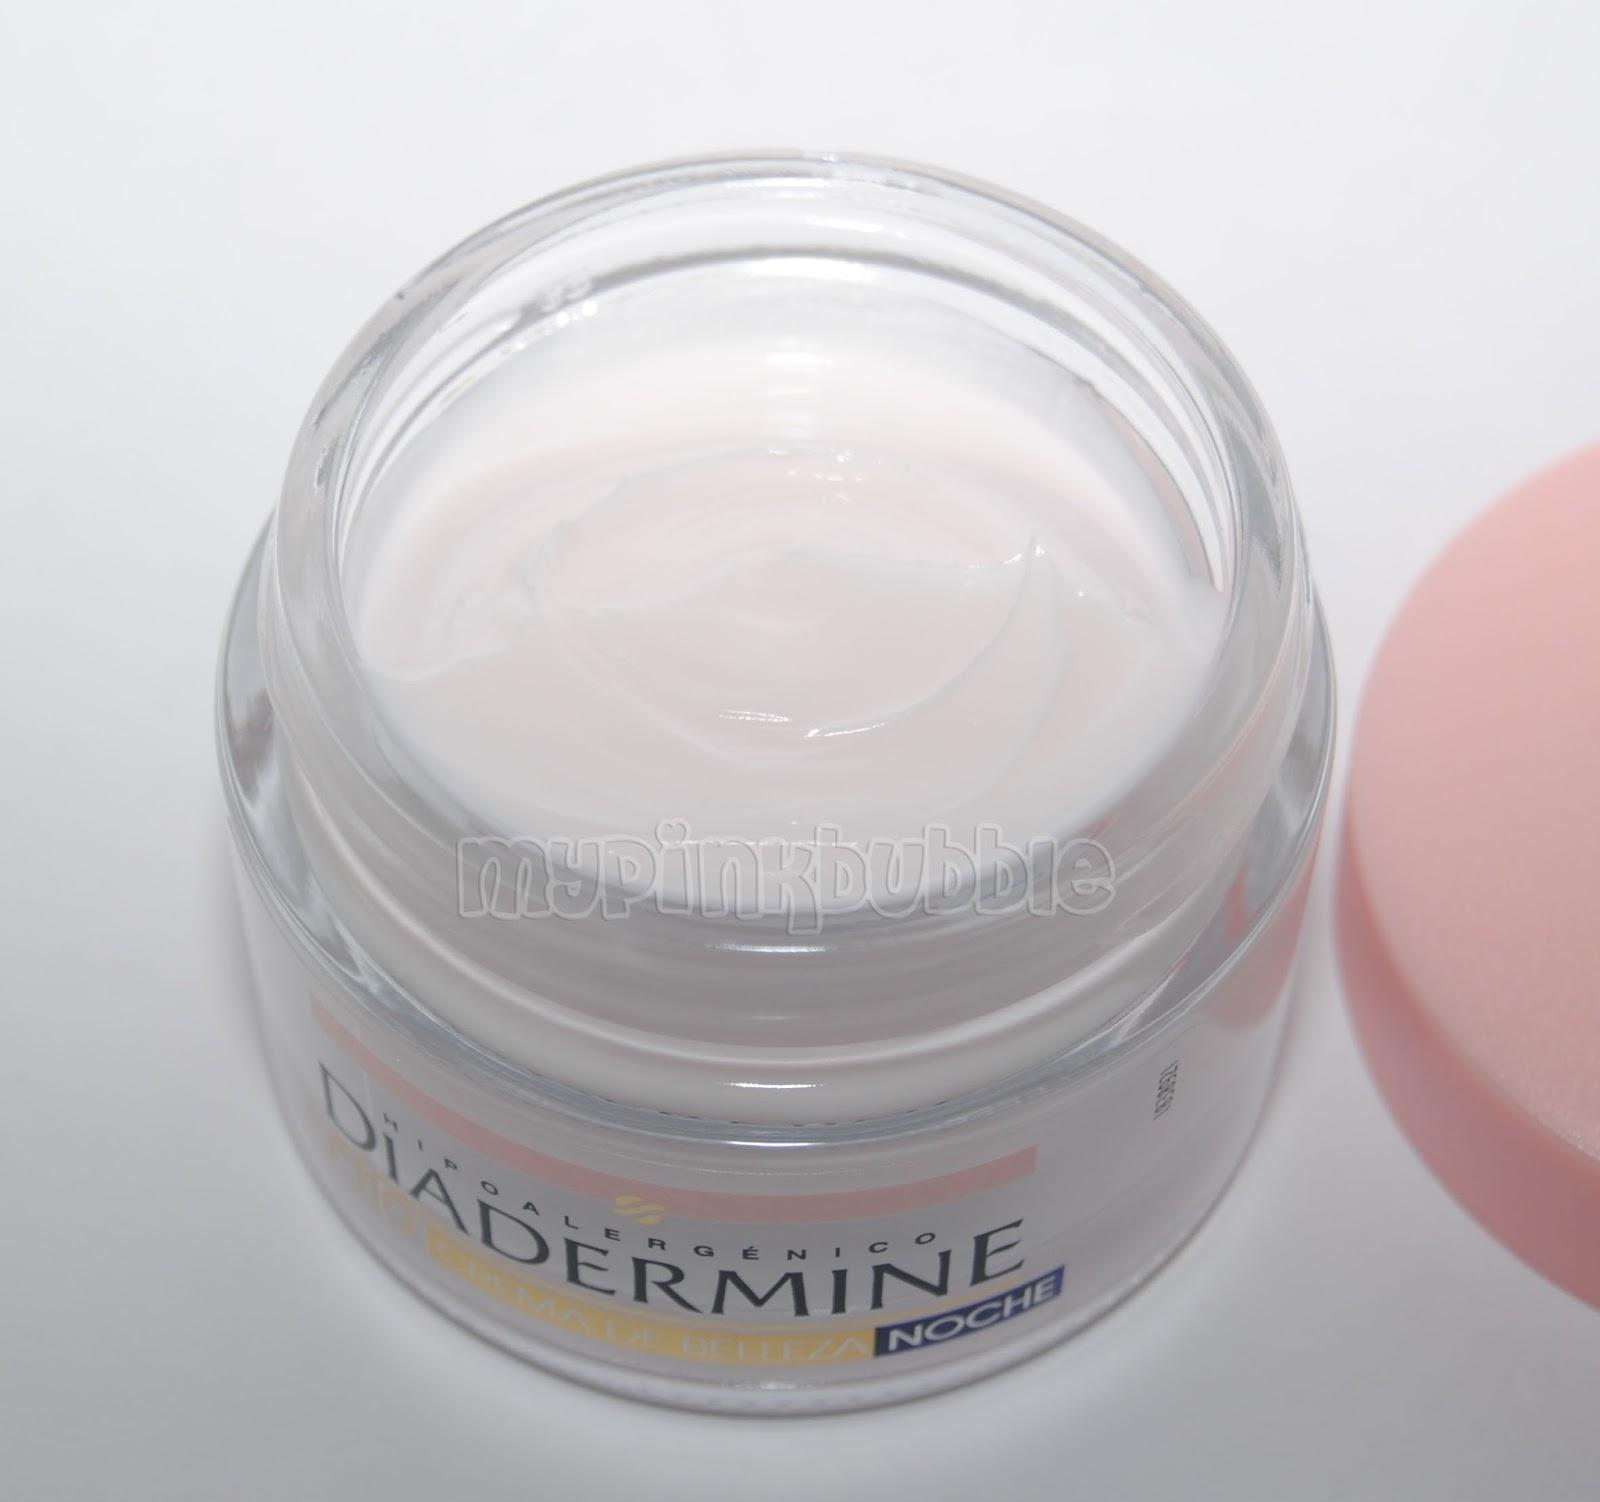 Diadermine 110 antiedad noche textura